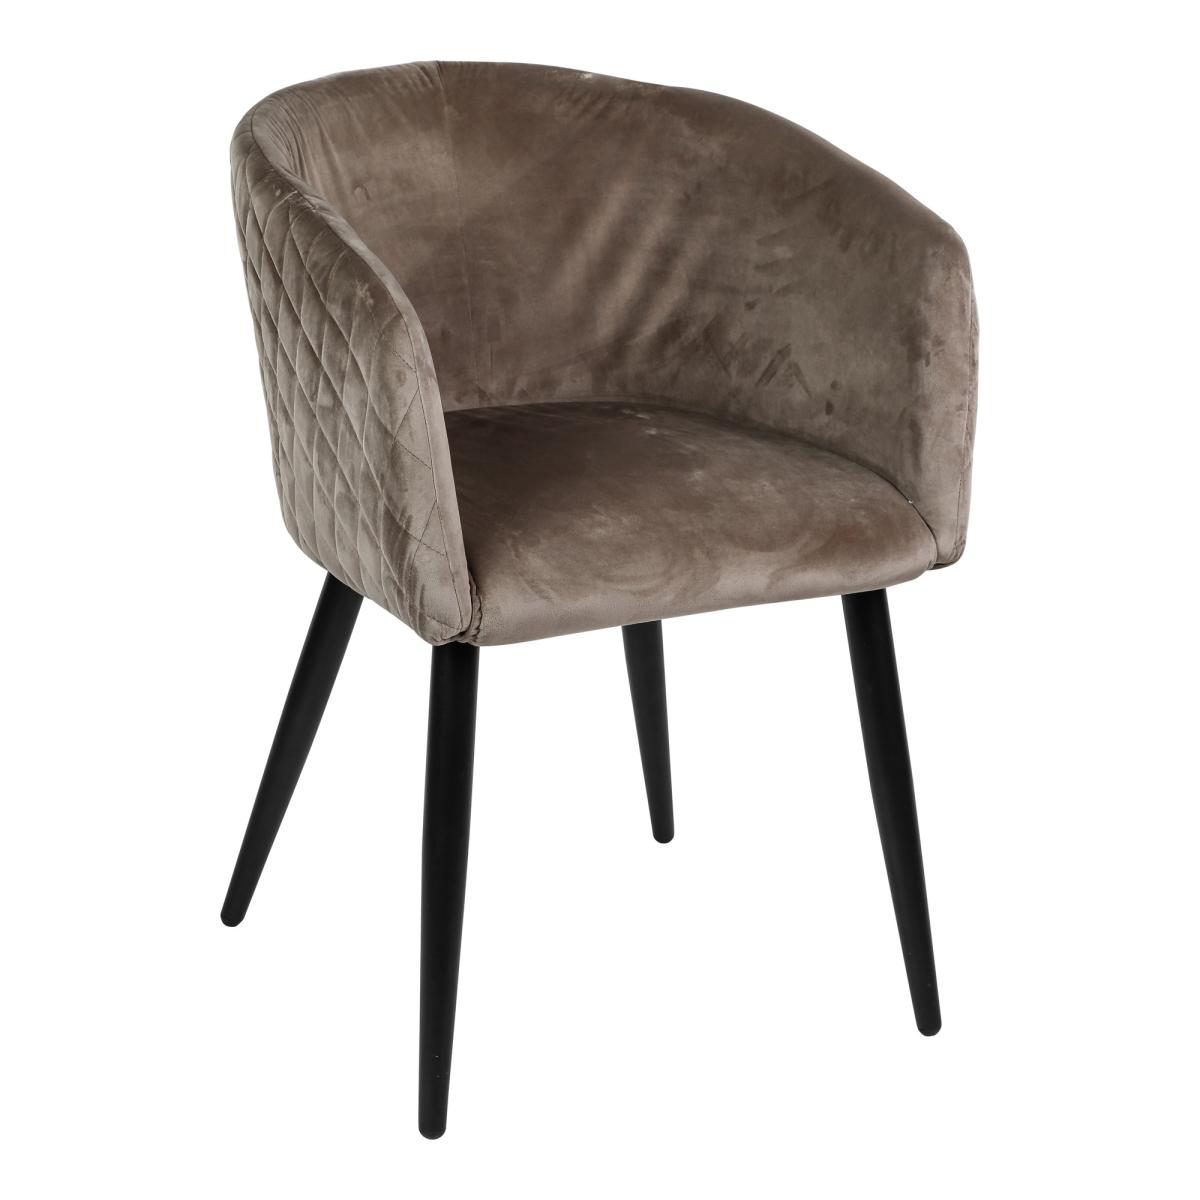 PTMD PTMD Stuhl Stuhl Mace Velvet Mace vNy80wOmnP